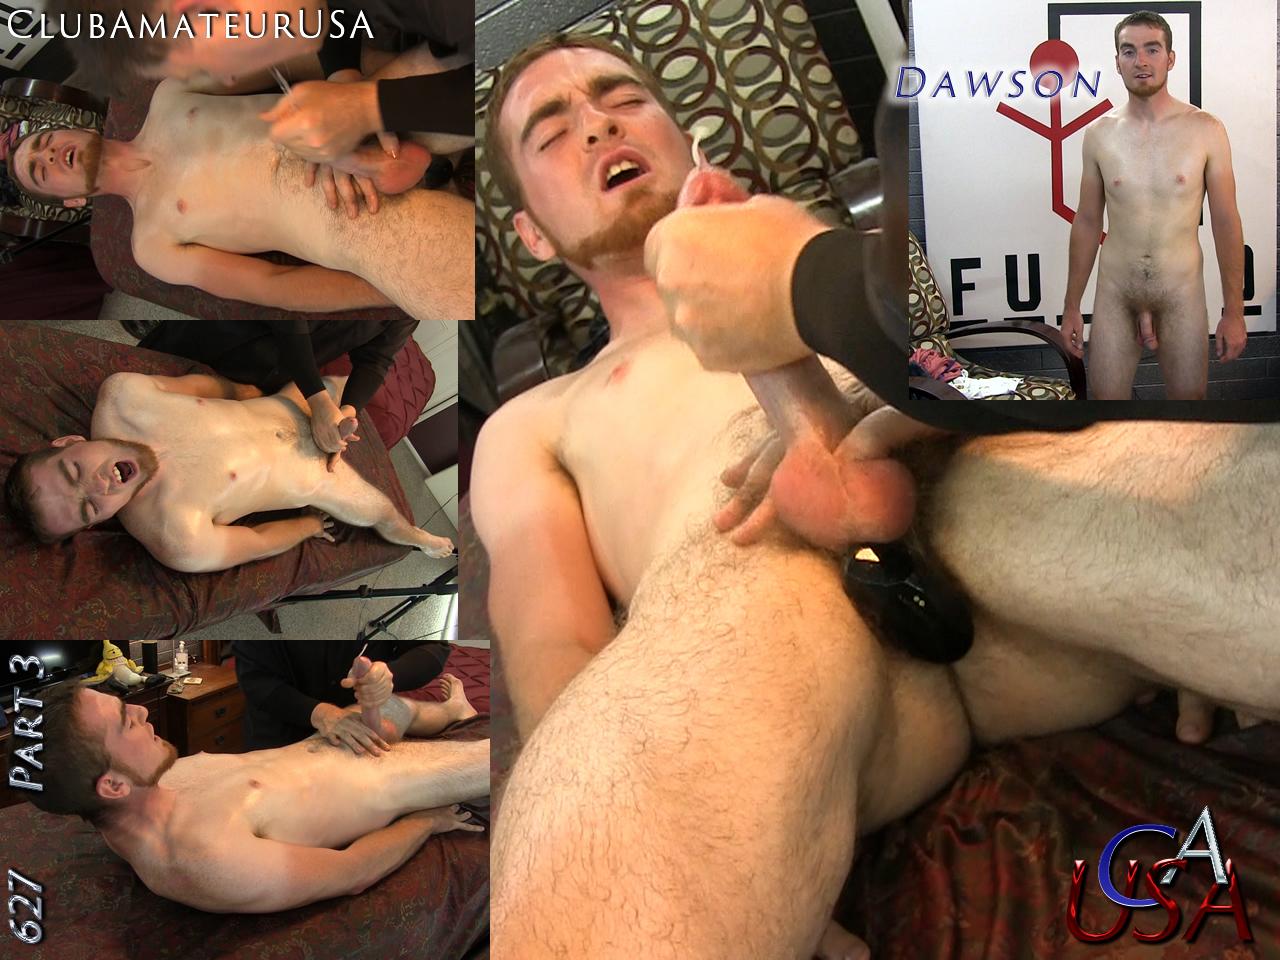 Filmy Gej Pl Porn